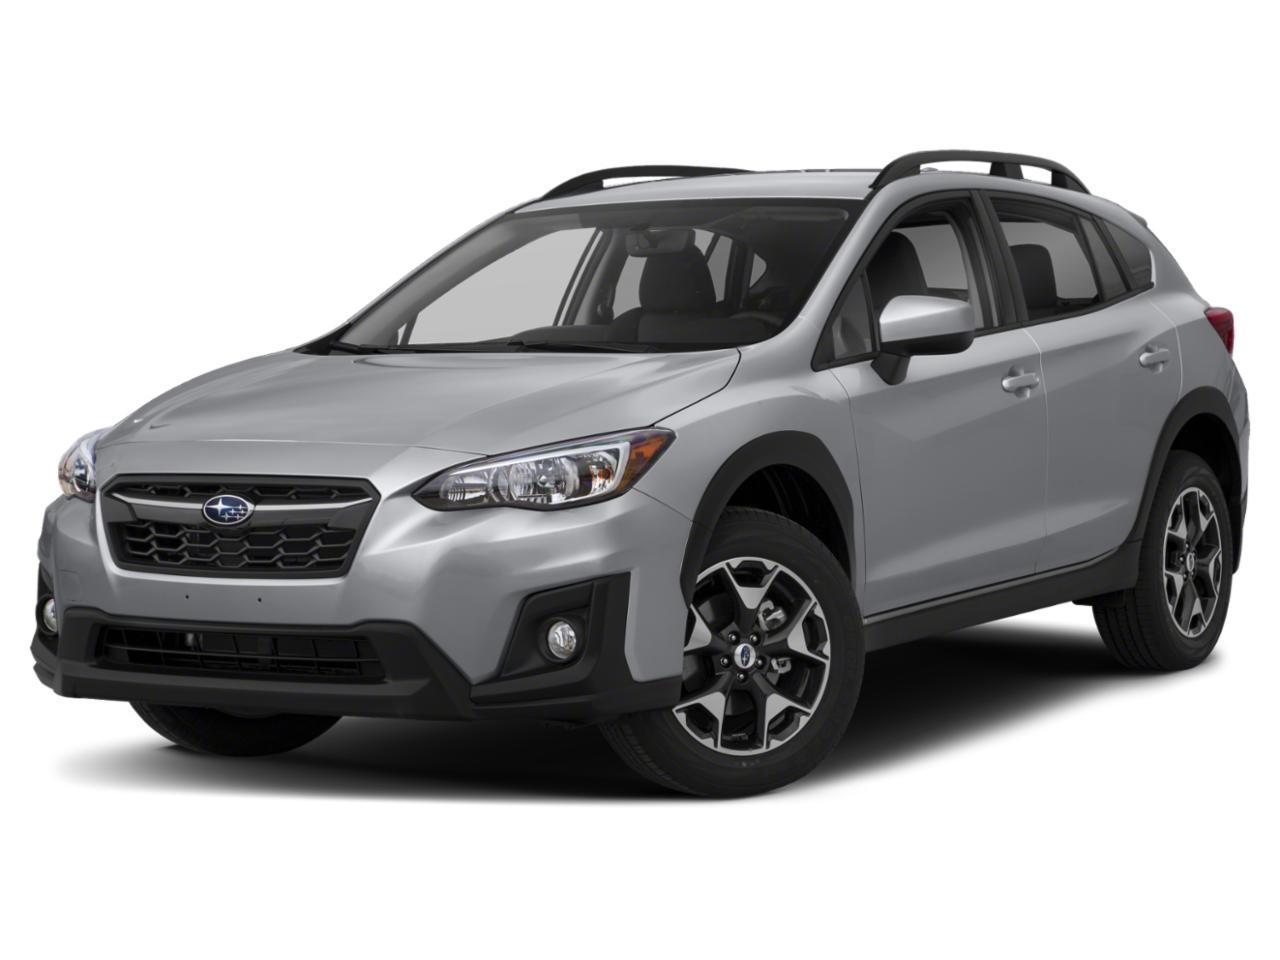 2018 Subaru Crosstrek Vehicle Photo in BEND, OR 97701-5133